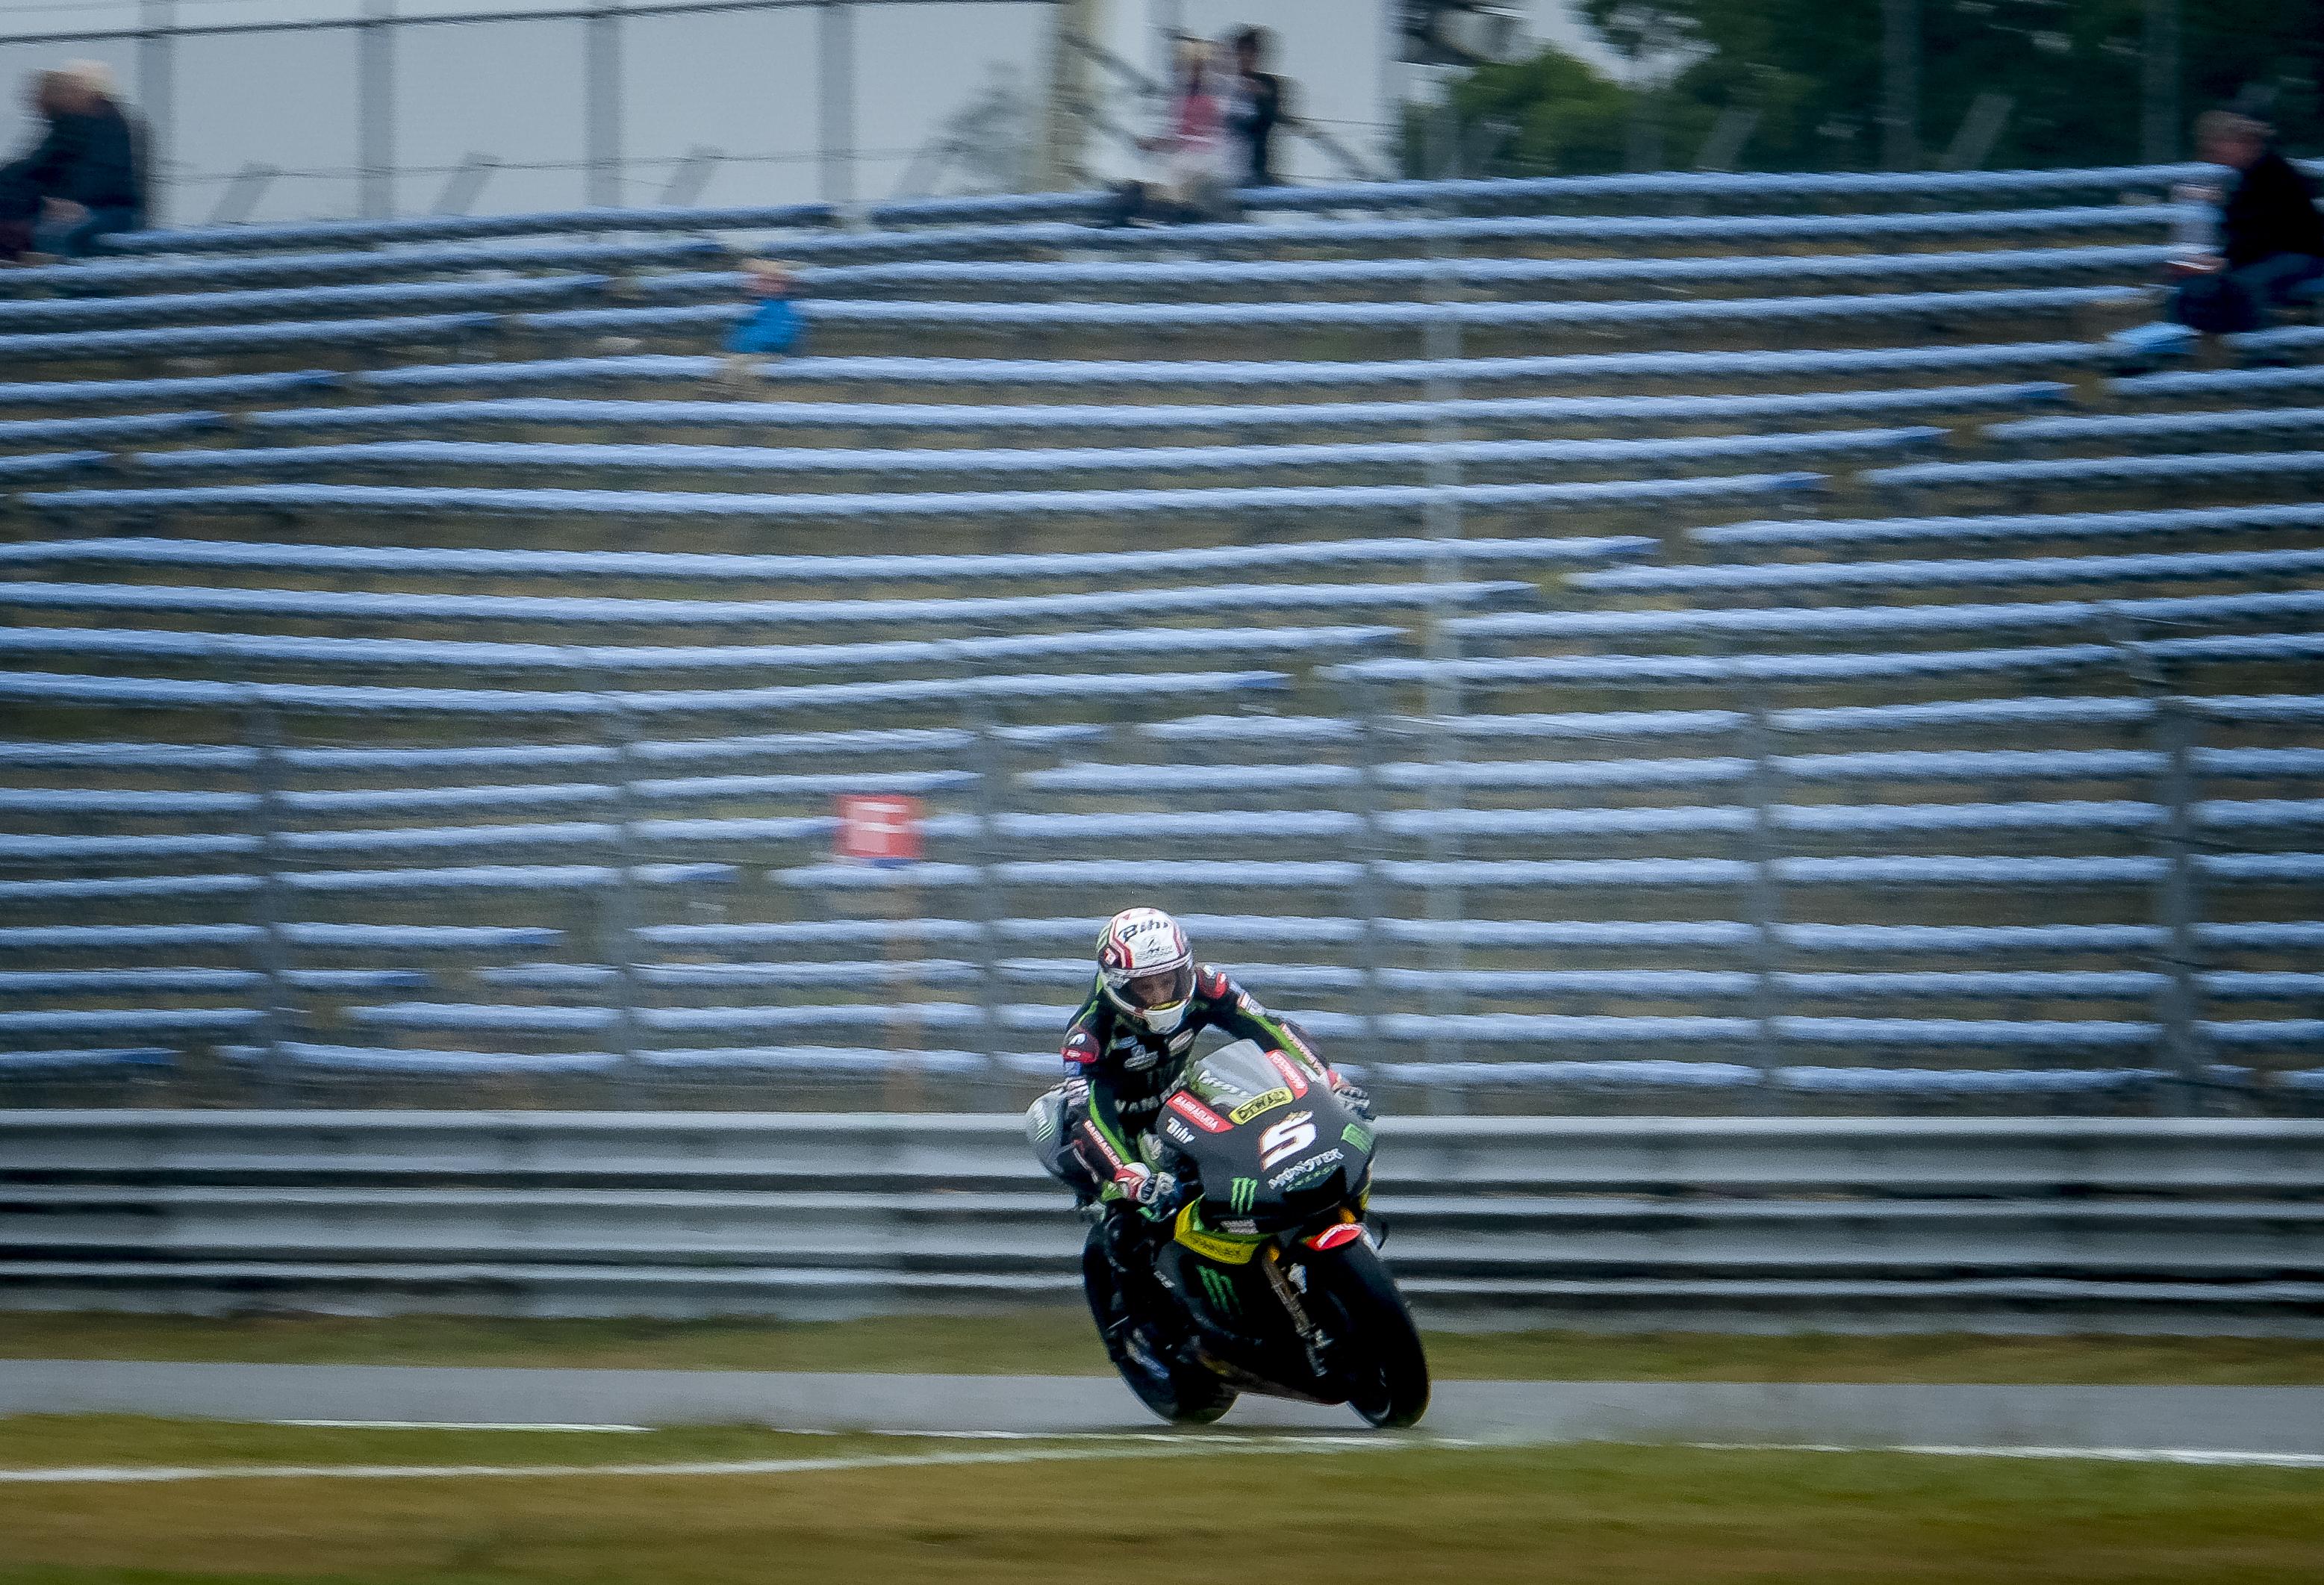 Sensacional Zarco, consigue su primera pole en MotoGP